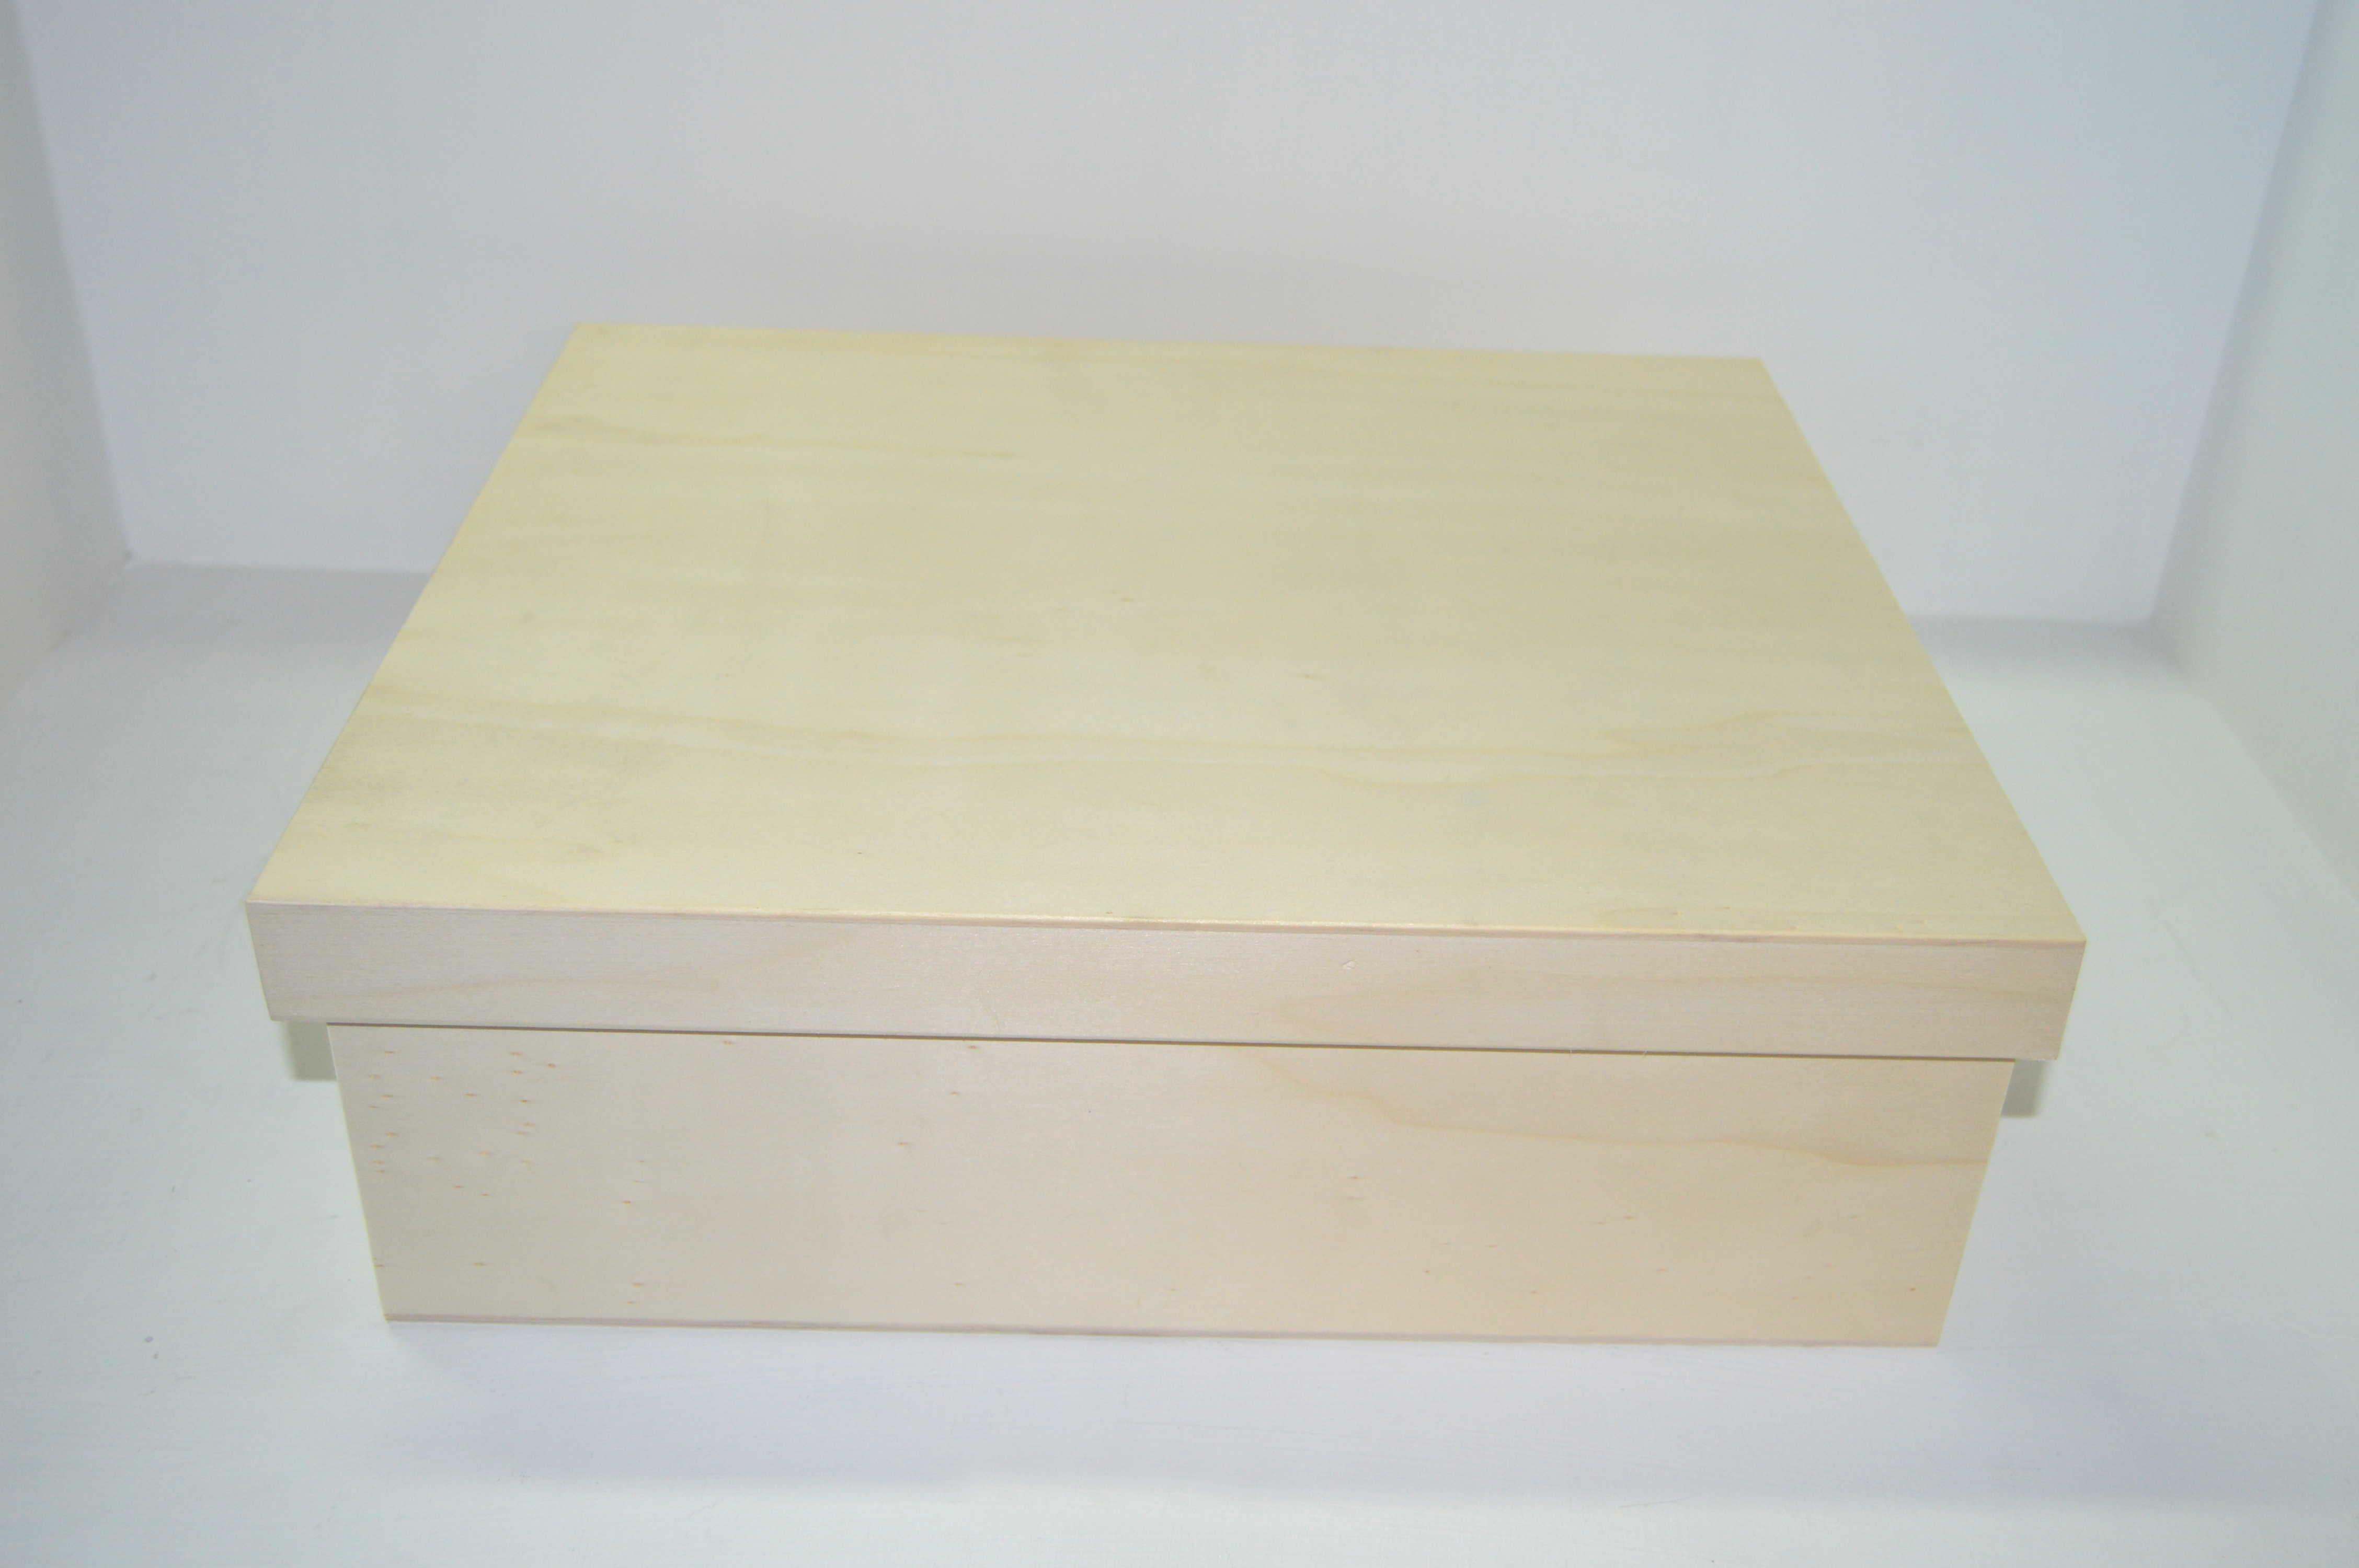 Ref. 1478.1.00 med 40.5x35x13.5